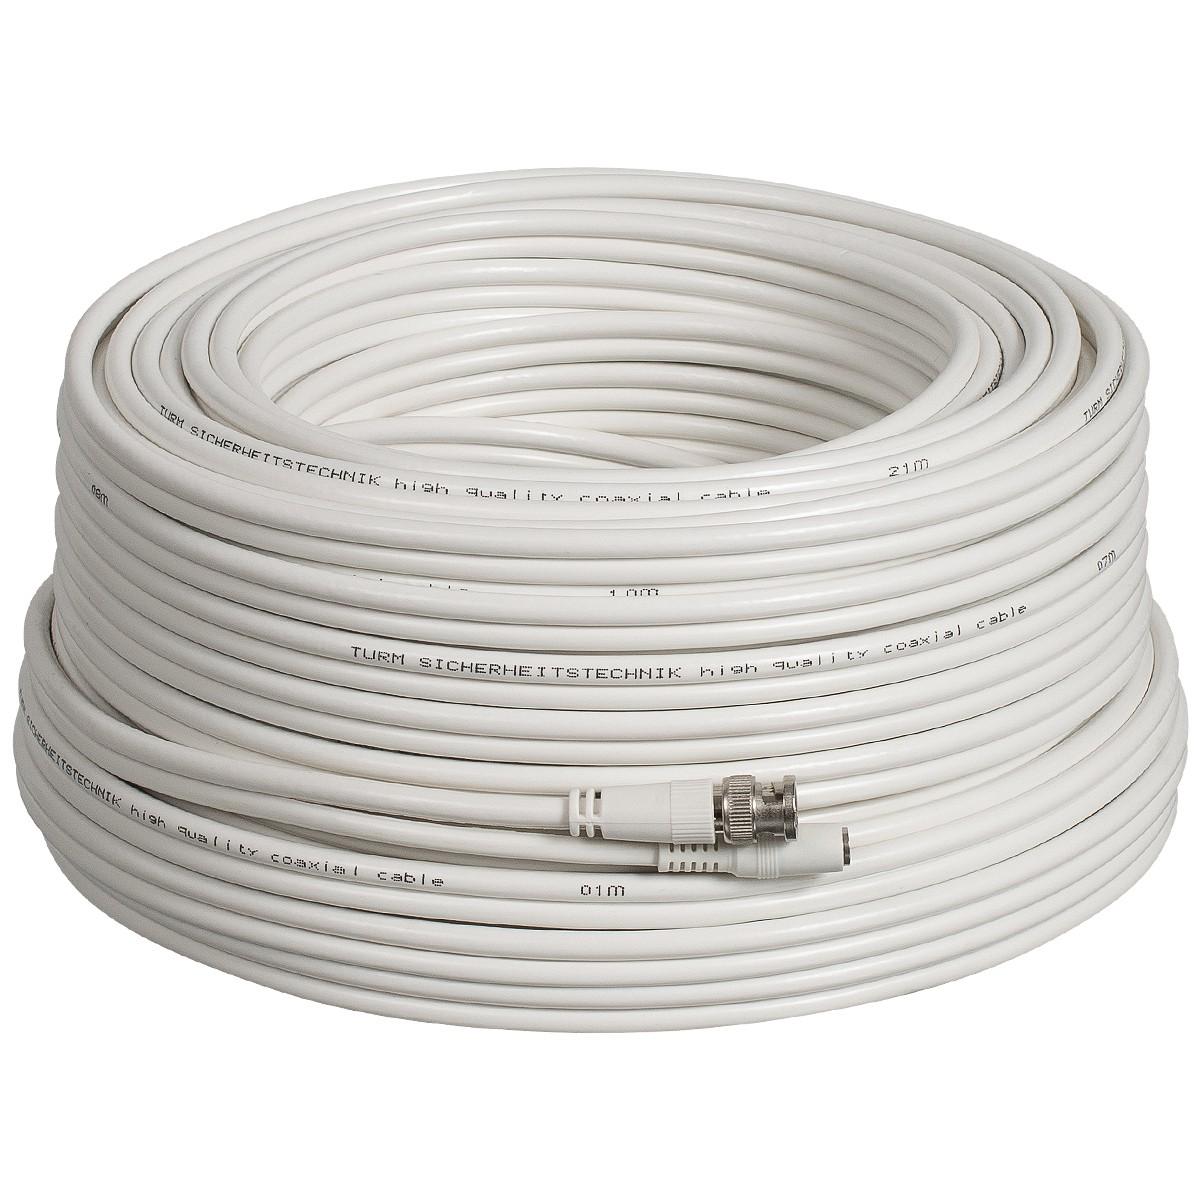 Kombi-Kabel für Full HD Videoüberwachung 10m, 20m oder 30m RG59 Koaxial Kabel